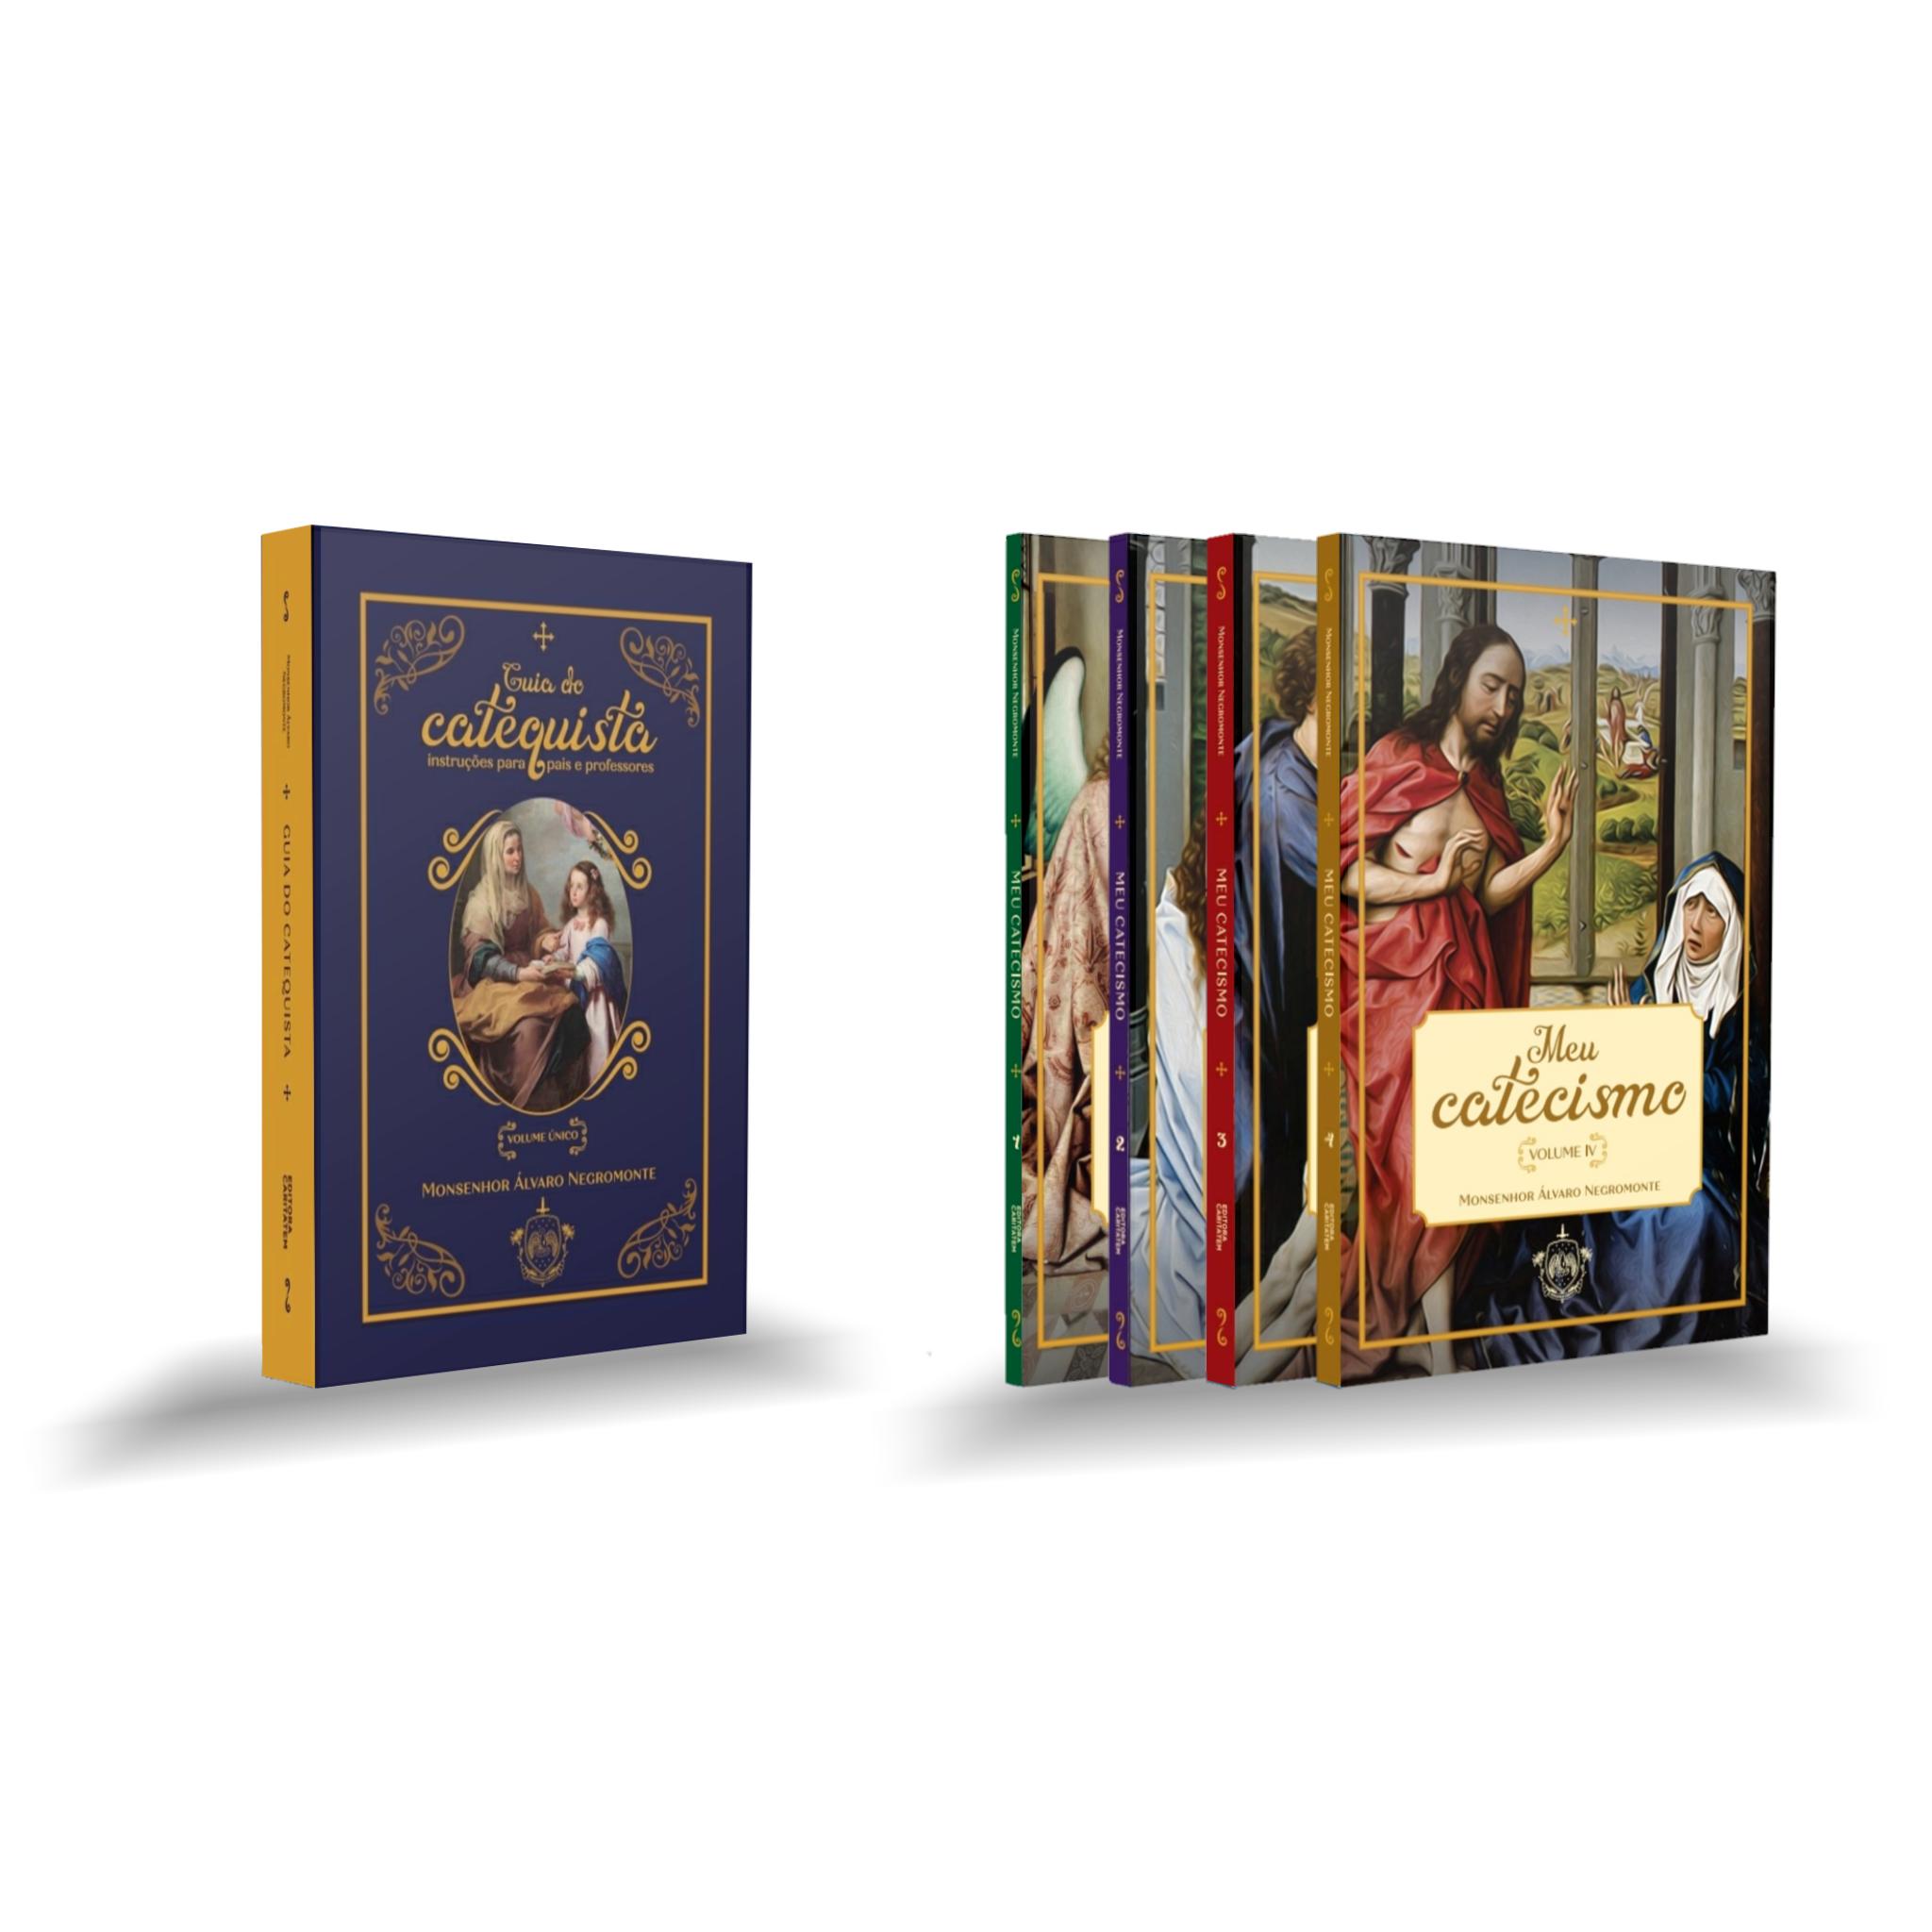 Coleção de Catecismos Infantis